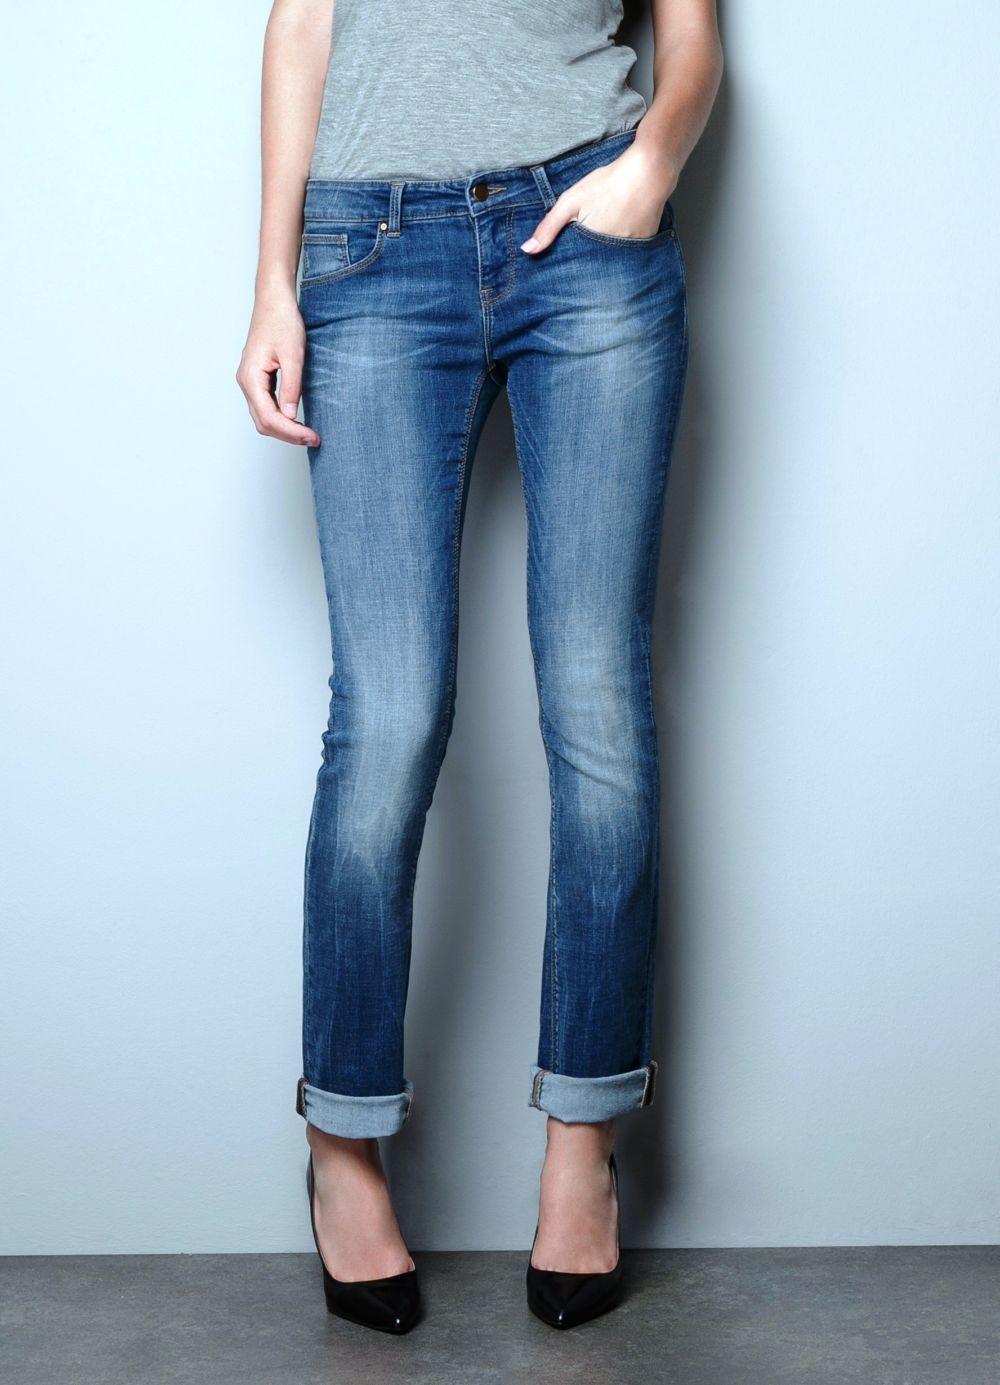 джинсы сине классика потертые подвернутые